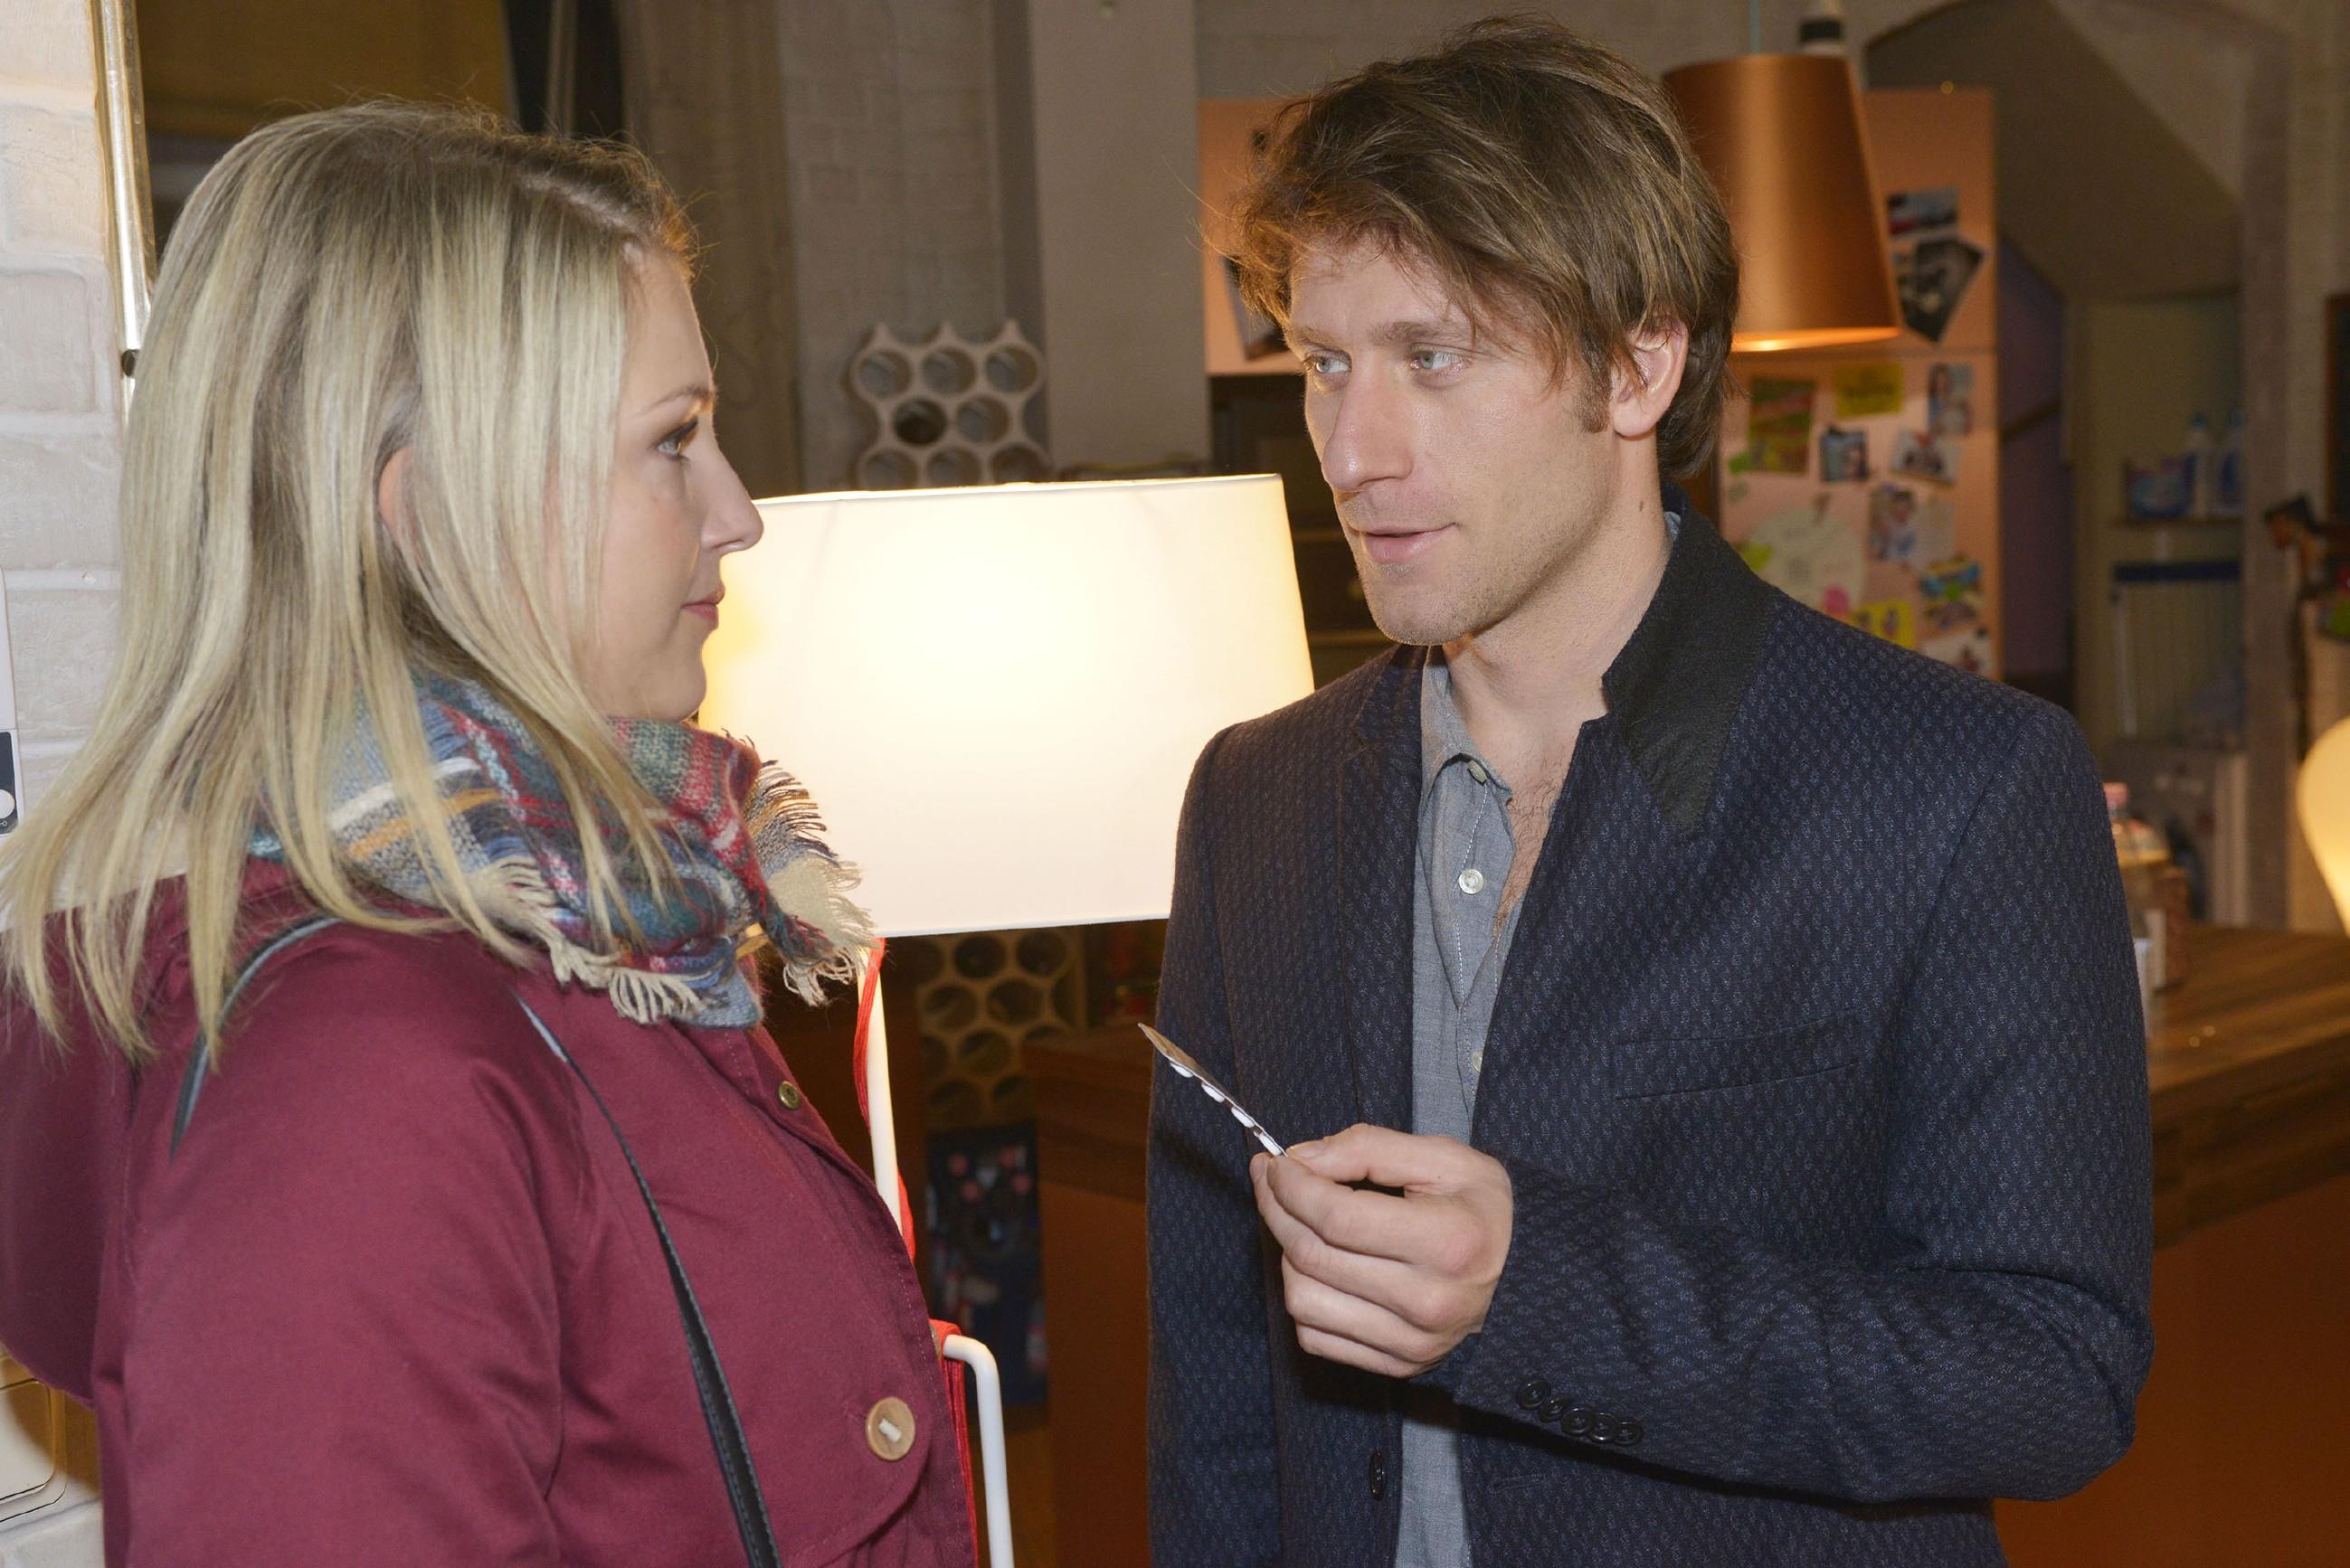 Till (Merlin Leonhardt) entbindet Lilly (Iris Mareike Steen) von jeglicher Verantwortung für seine Entscheidung, das noch nicht zugelassene Medikament einzunehmen. (Quelle: RTL / Rolf Baumgartner)